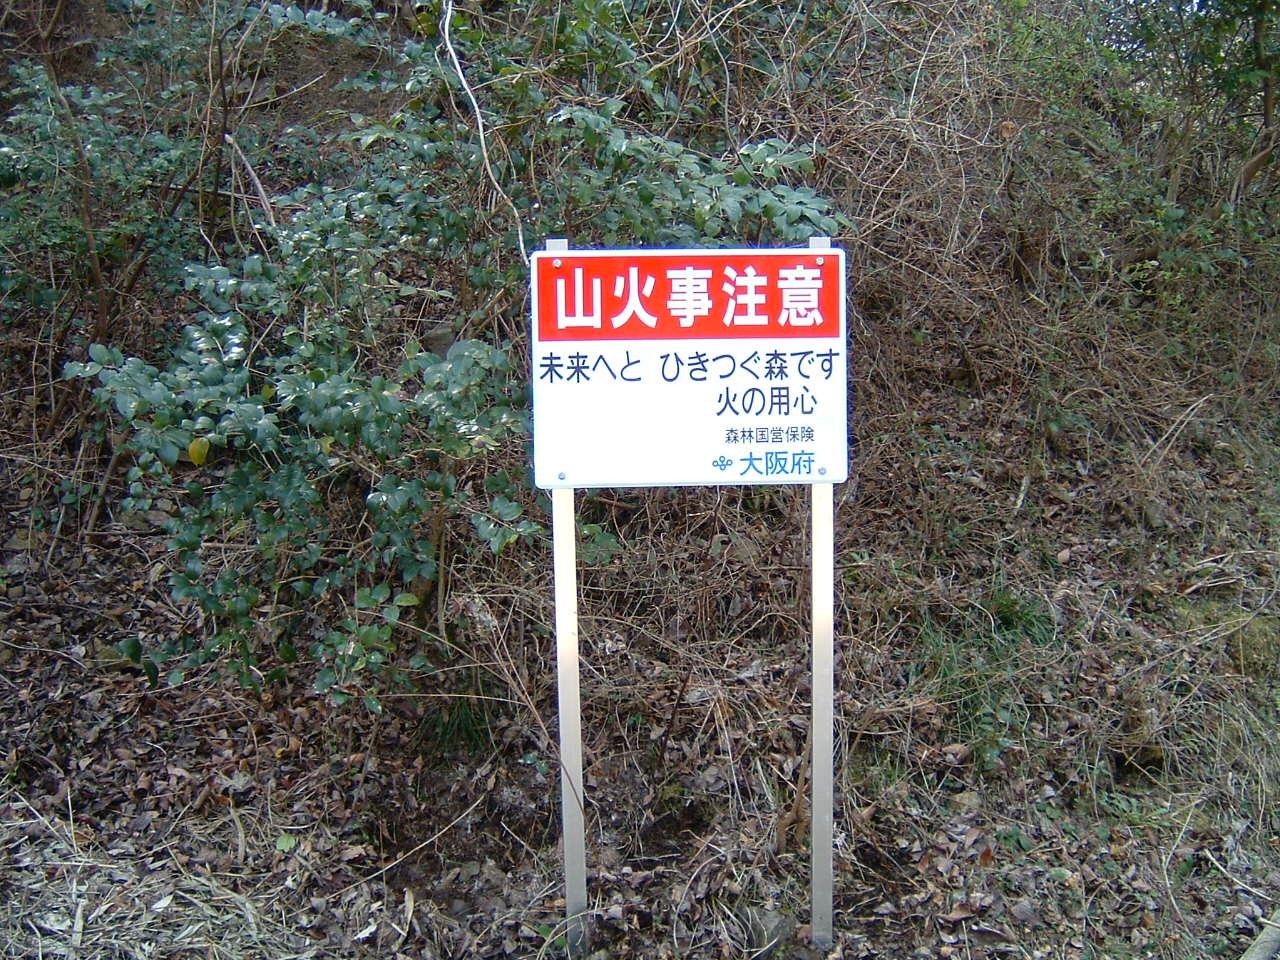 孝子の森の畑造成&展望台にベンチ設置_c0239329_1284397.jpg